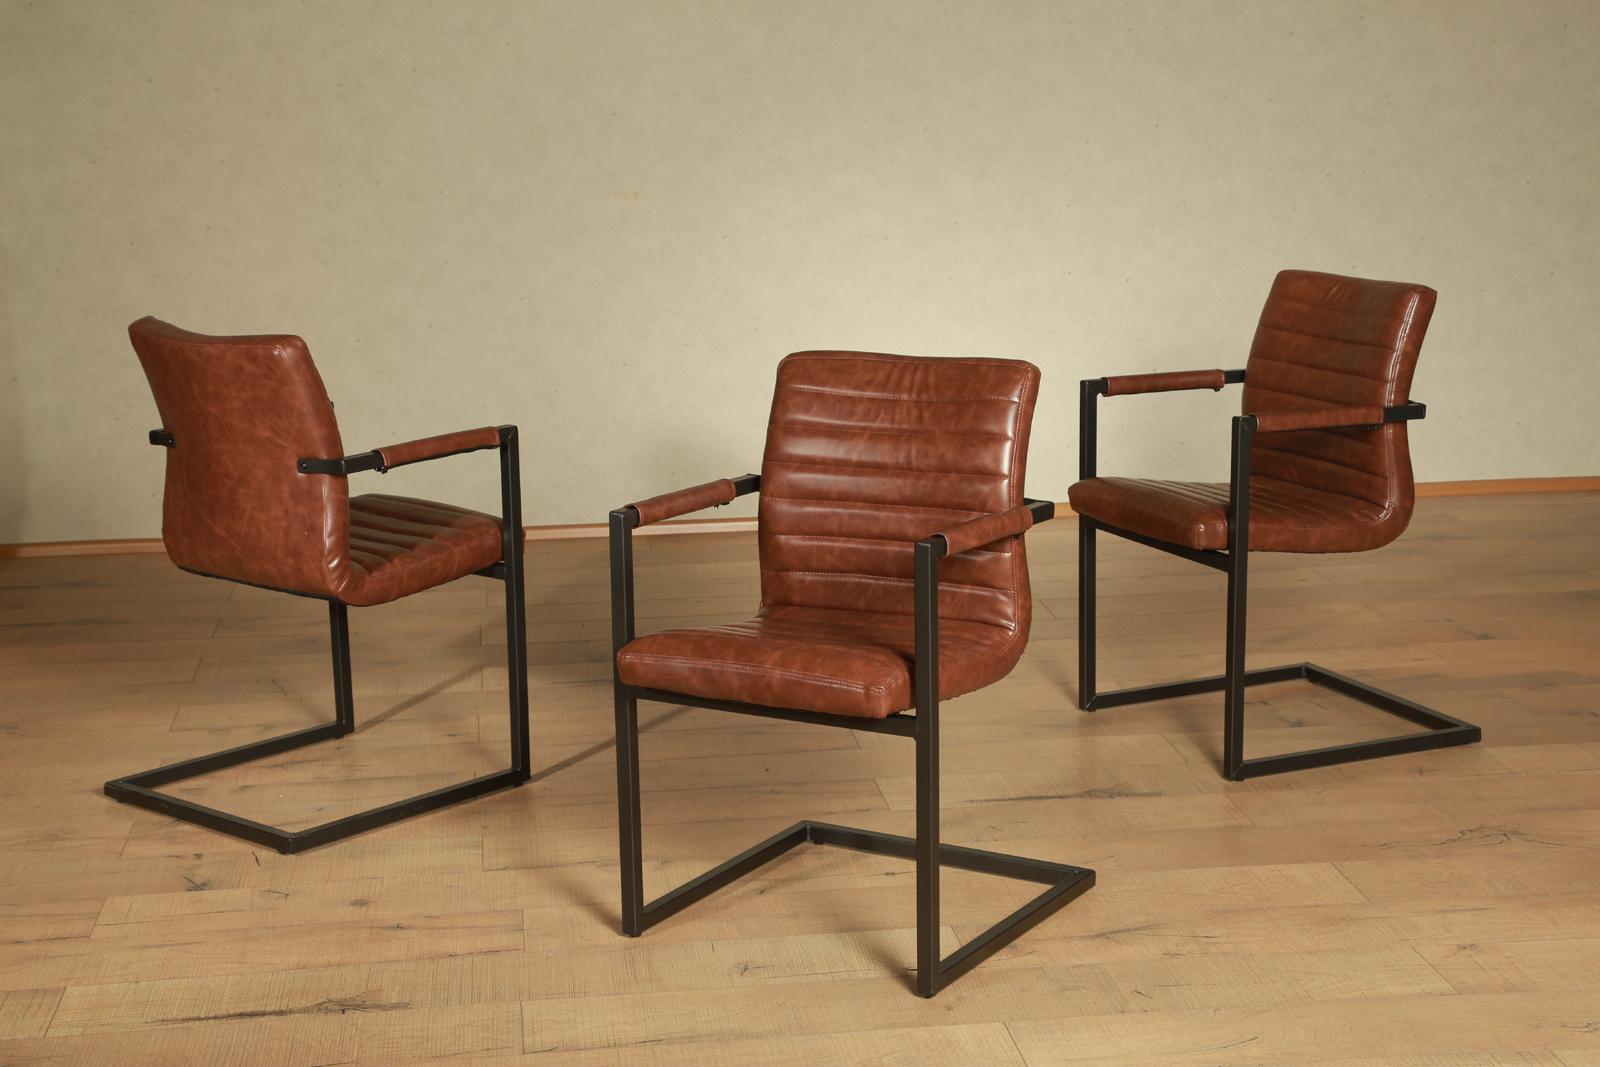 Sam esszimmer schwing stuhl braun eisen parzivo auf lager for Stuhl esszimmer modern